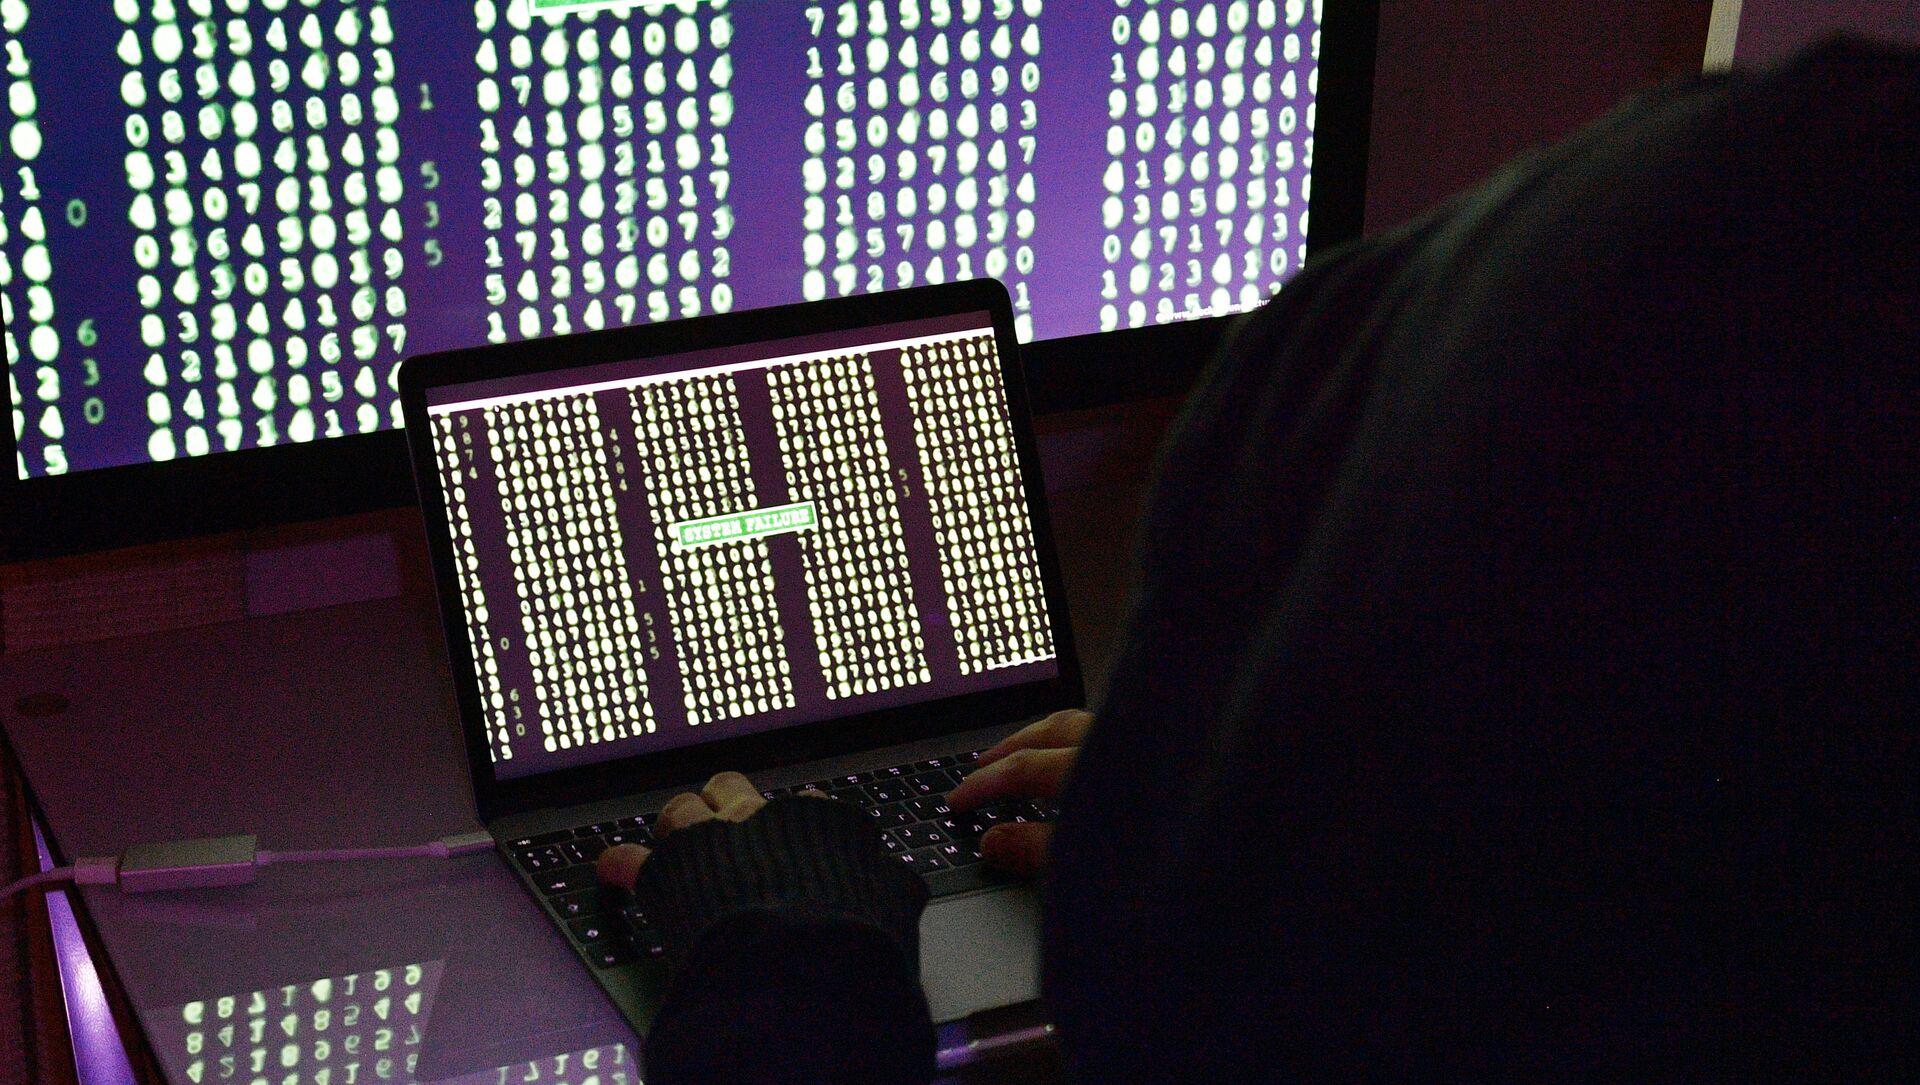 Une cyberattaque à l'échelle planétaire arrêtée grâce à un informaticien vigilant - Sputnik France, 1920, 25.07.2021